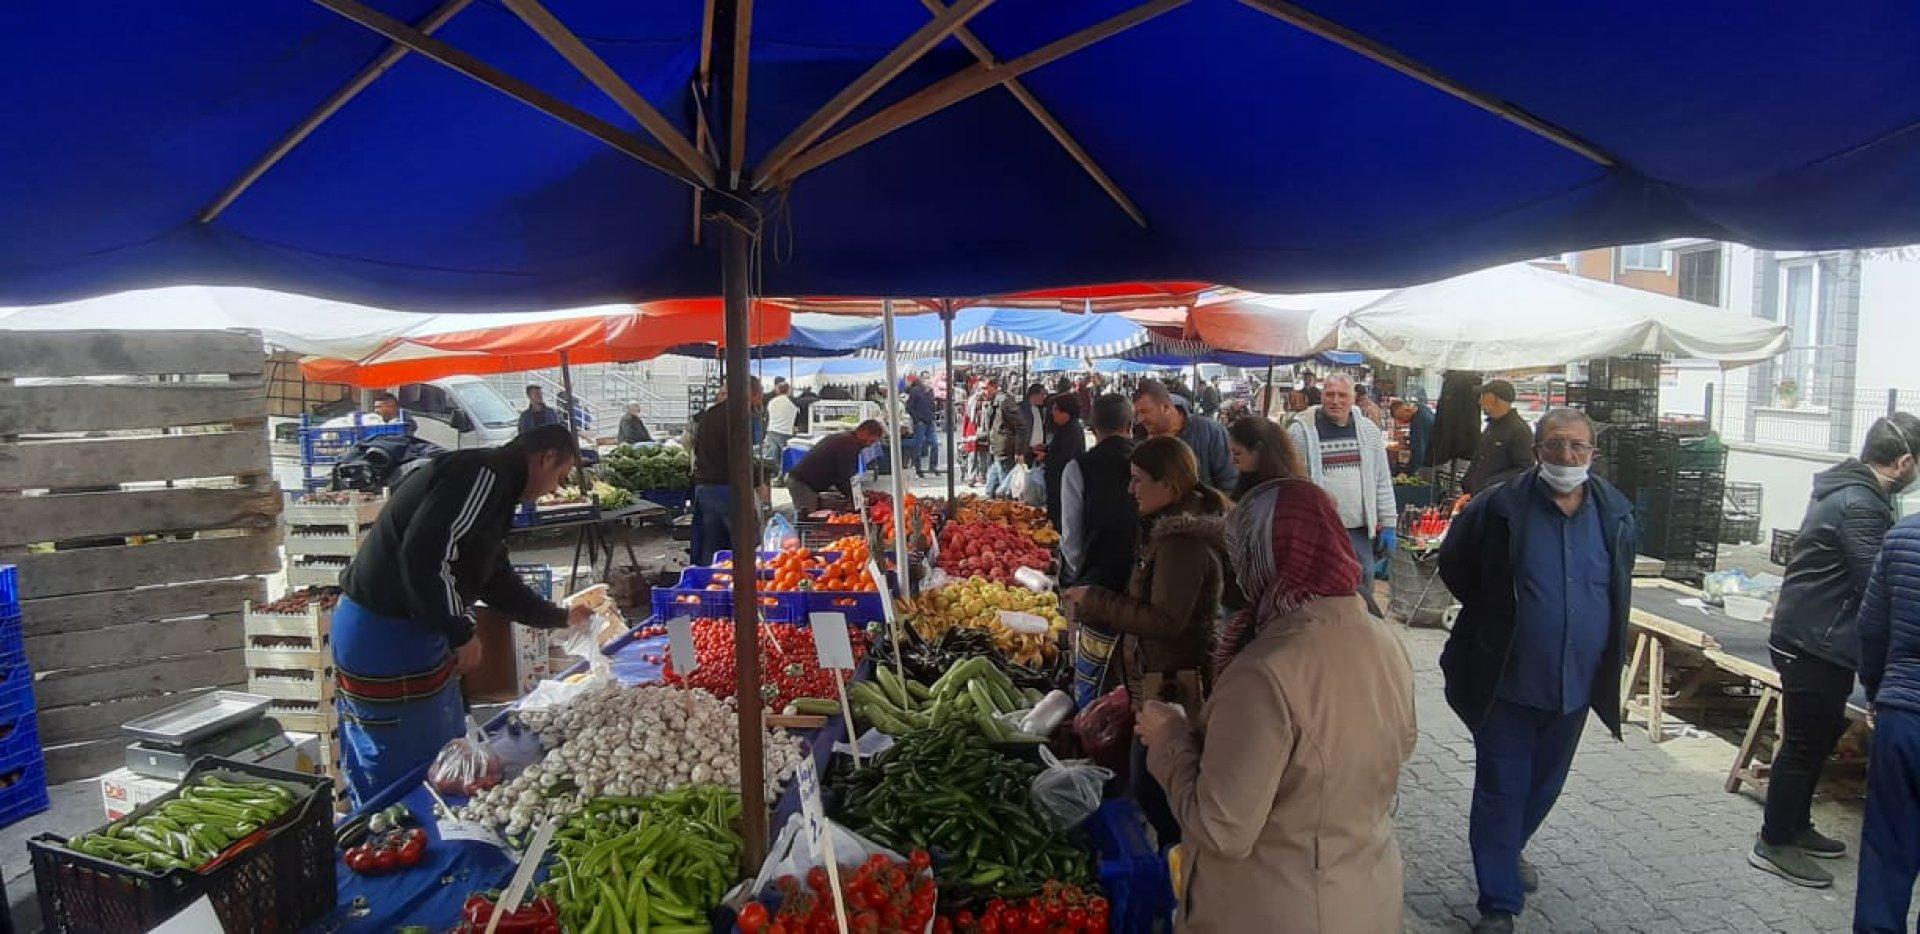 Съботният пазар на открито в Къркларели е бил пълен с местни. Снимки Недрет Бензет